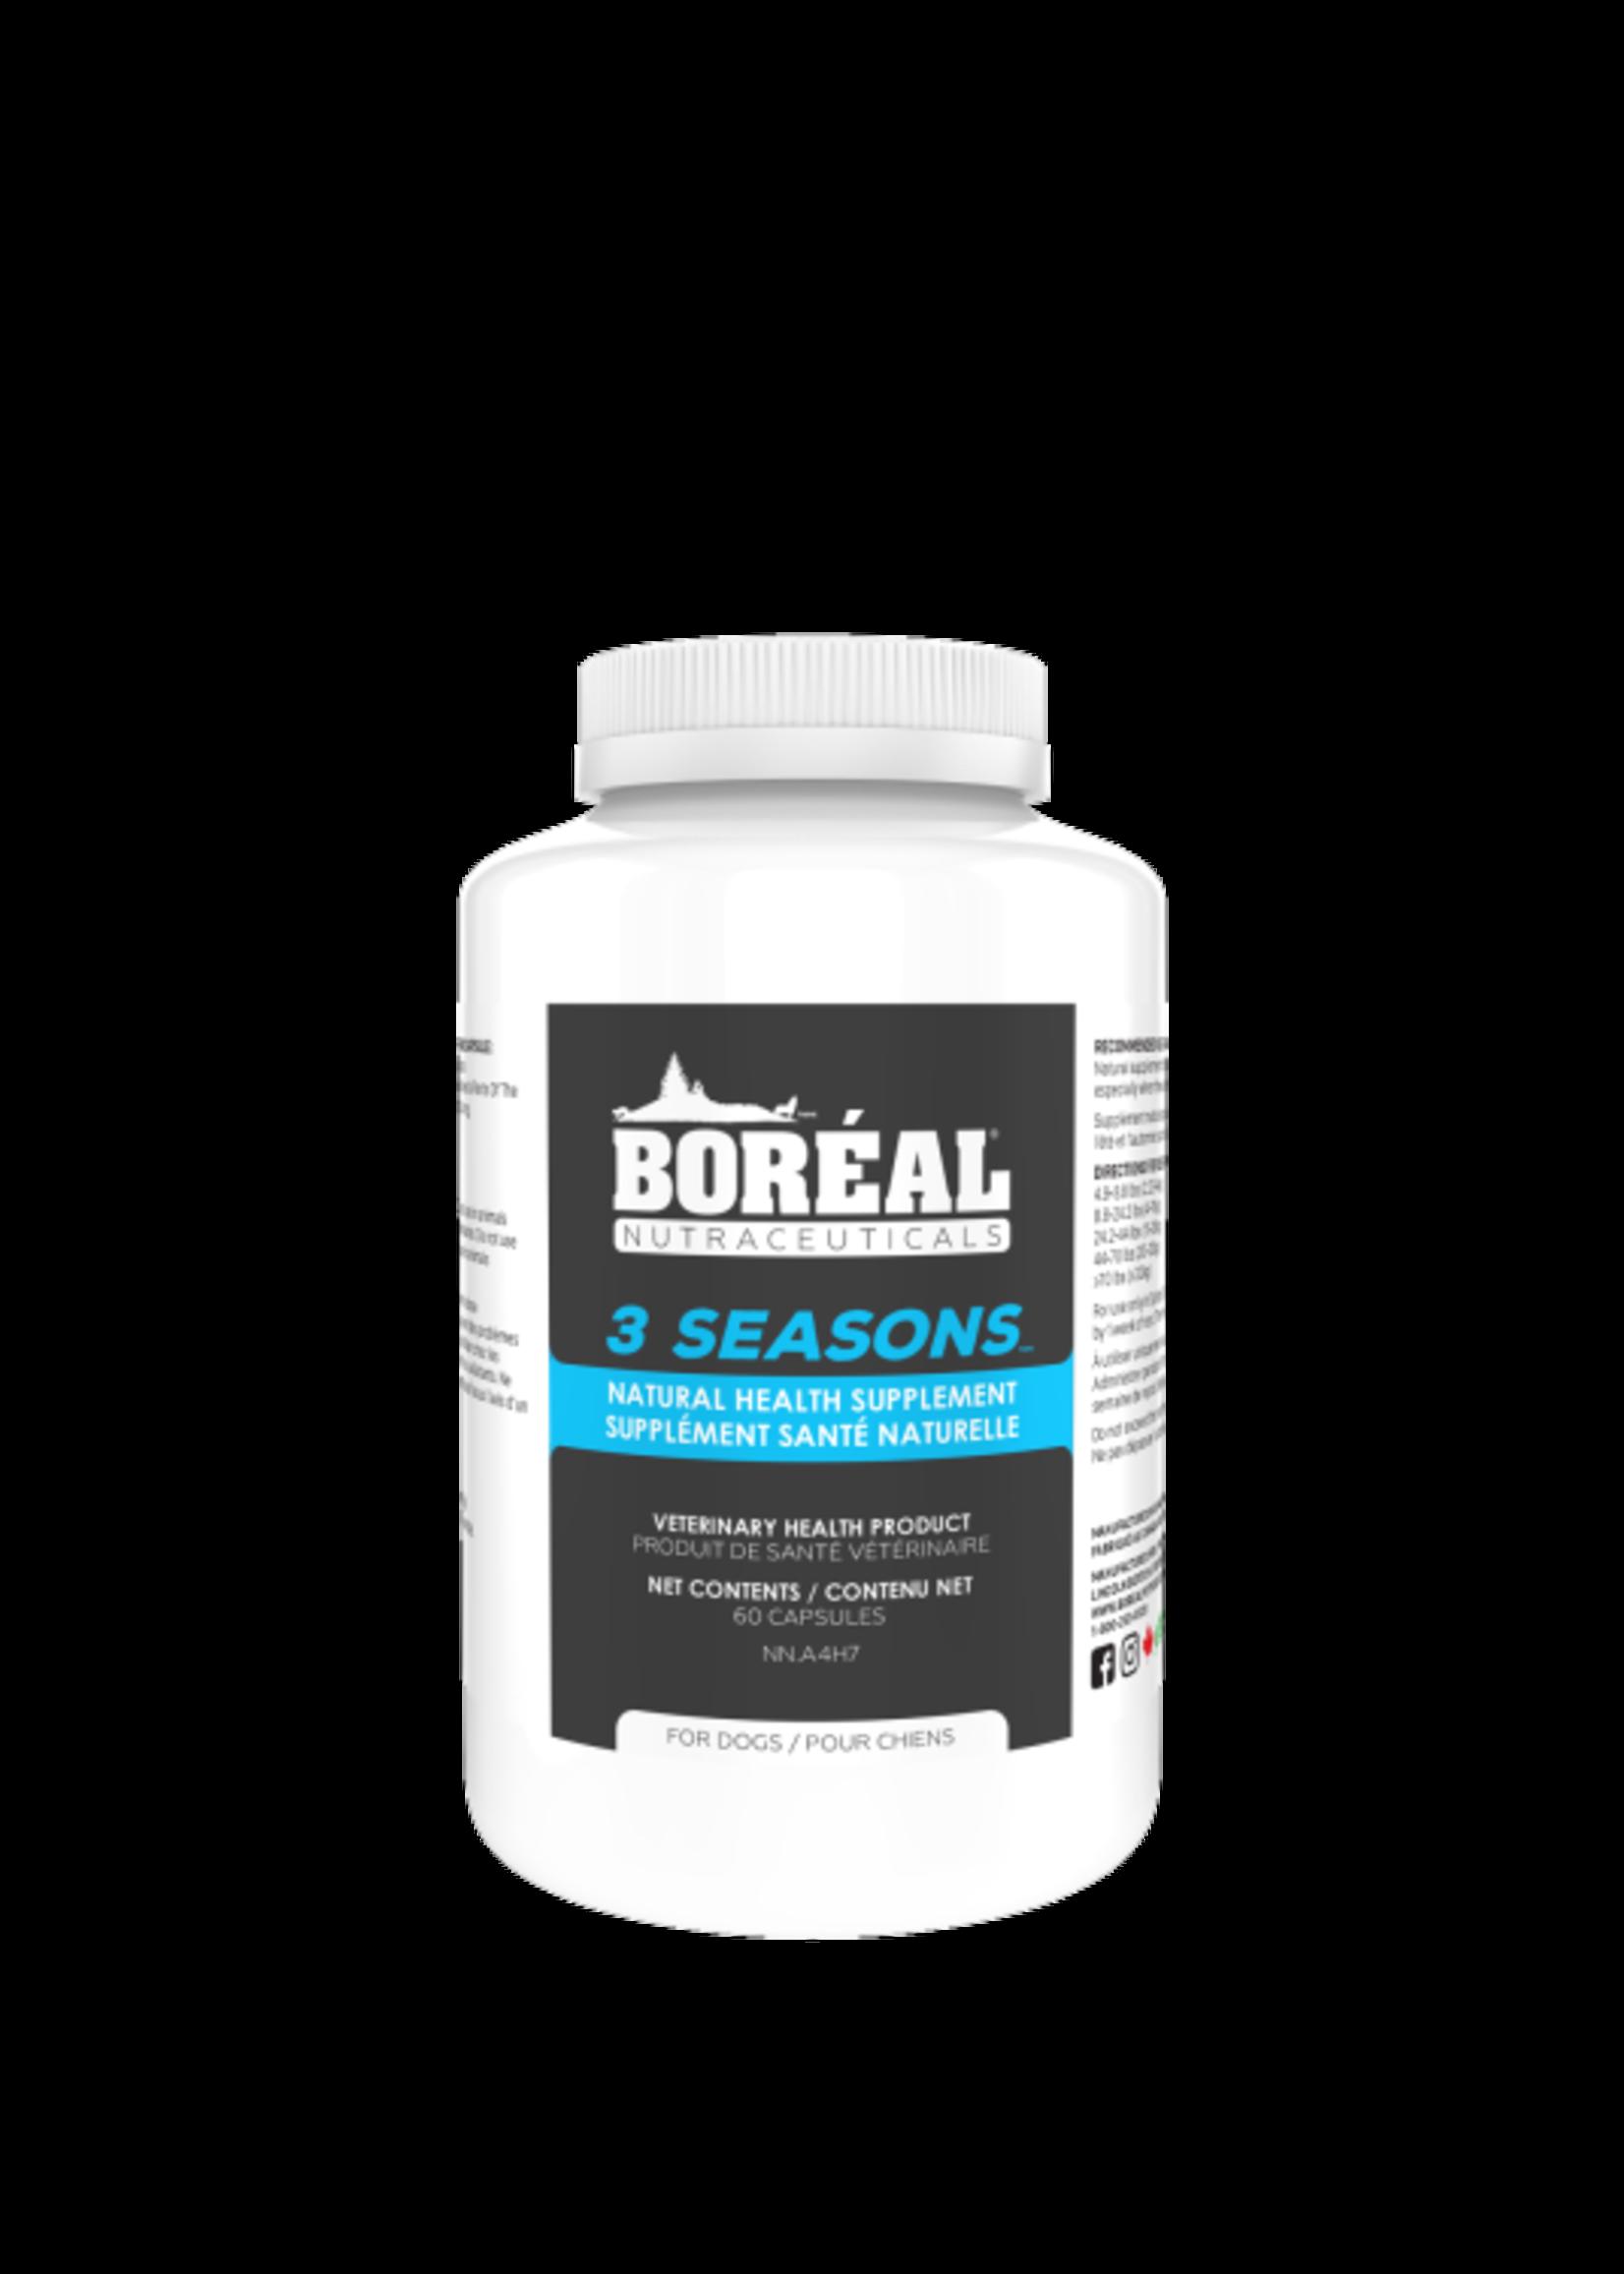 Boreal 3 SEASONS Natural Supplement